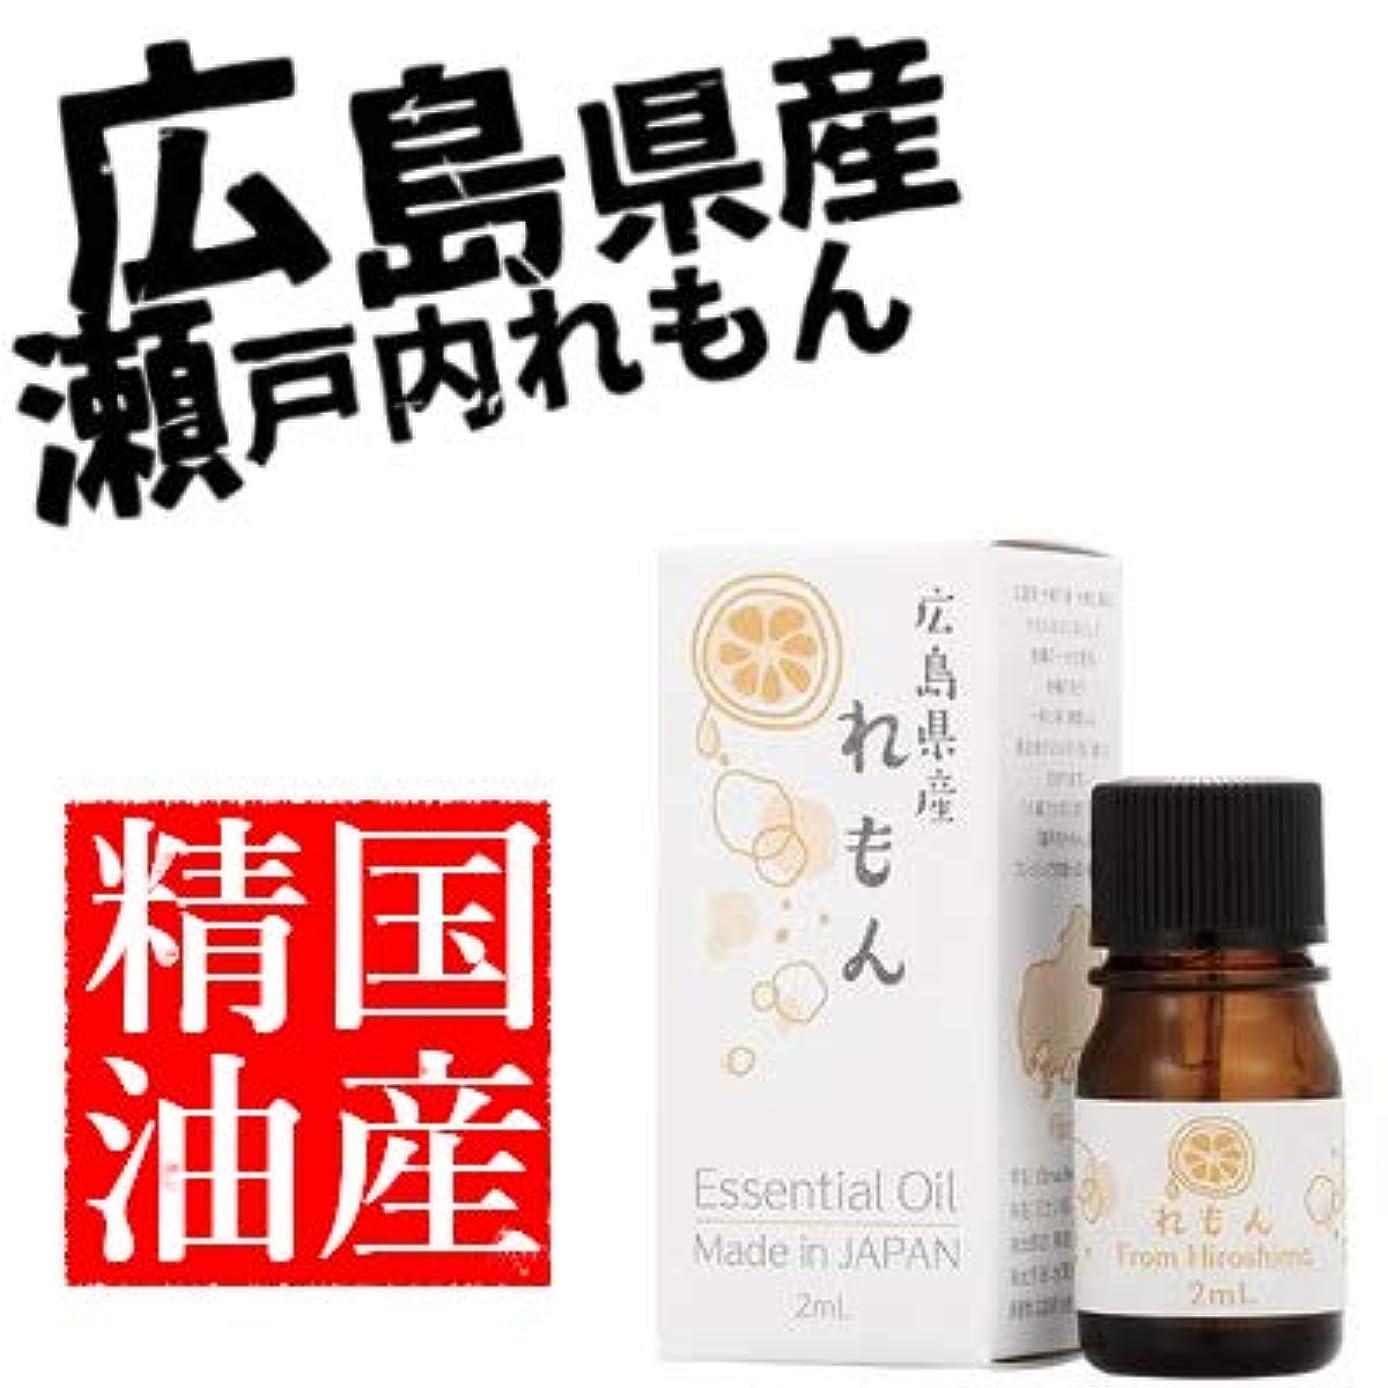 レーニン主義明確に病気日本の香りシリーズ れもん エッセンシャルオイル 国産精油 広島県産 2ml